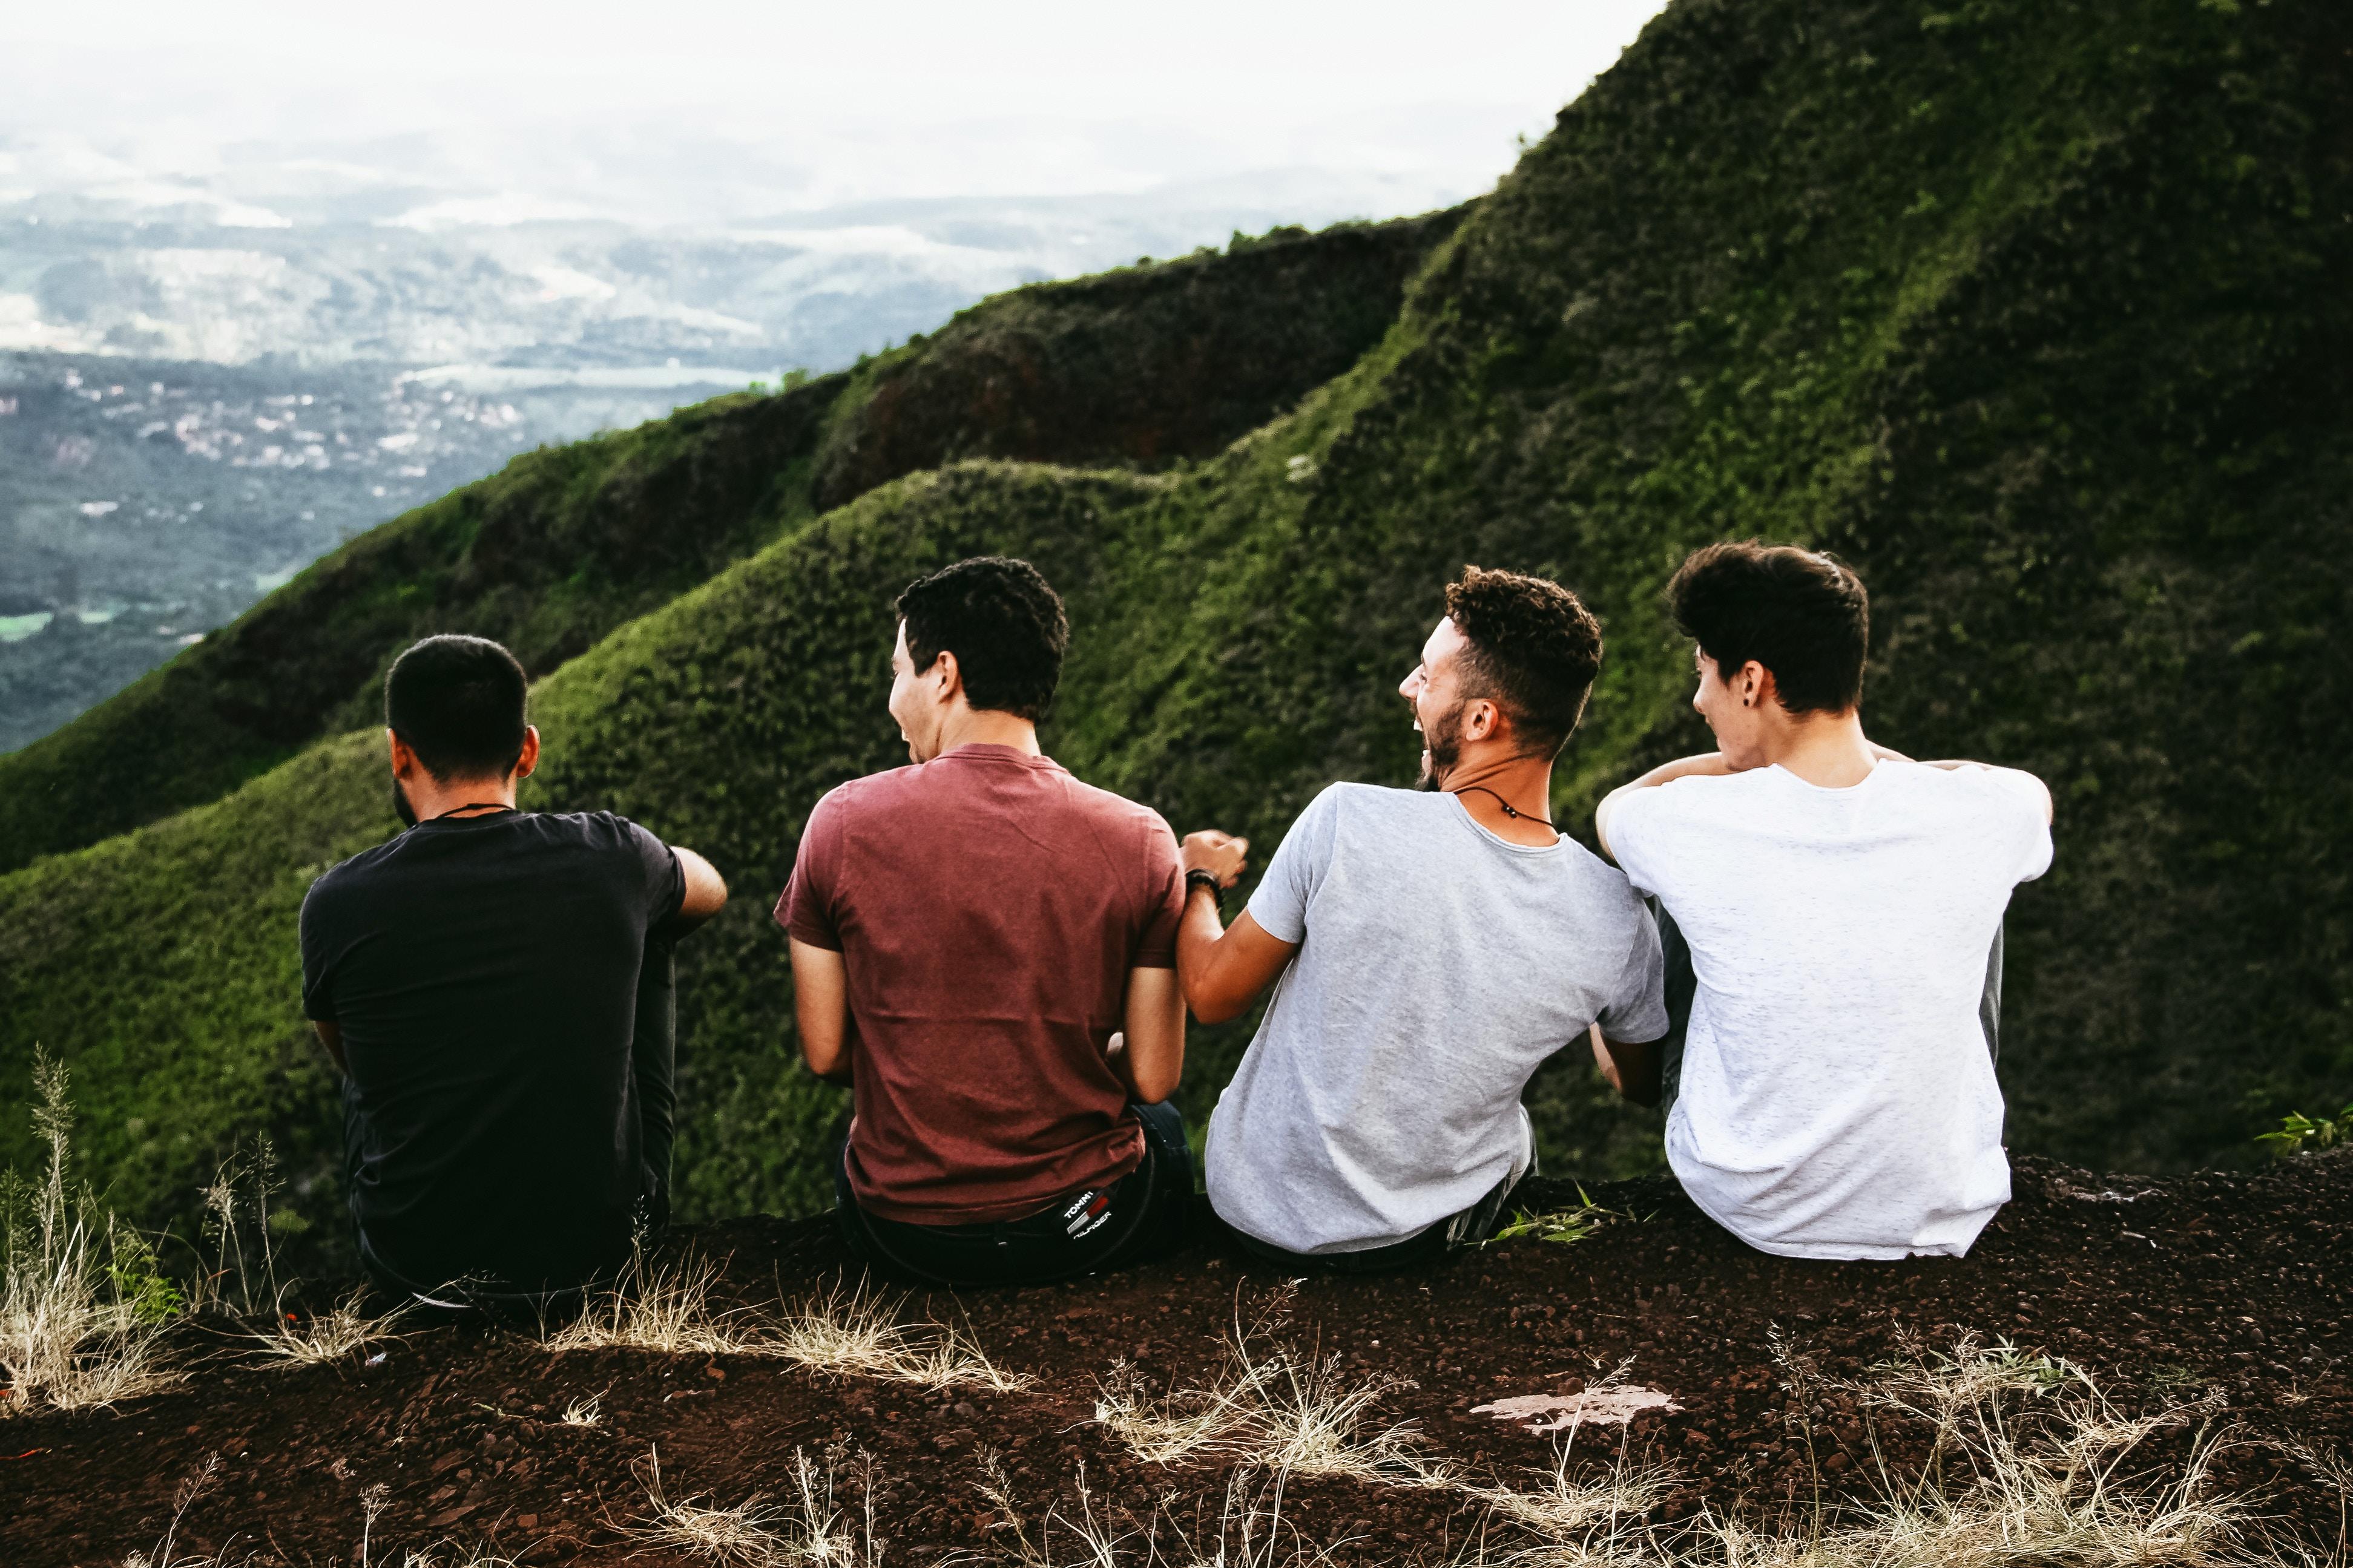 Czterech młodych mężczyzn siedzi na skraju zbocza, widać, że dobrze się bawią i są zrelaksowani.